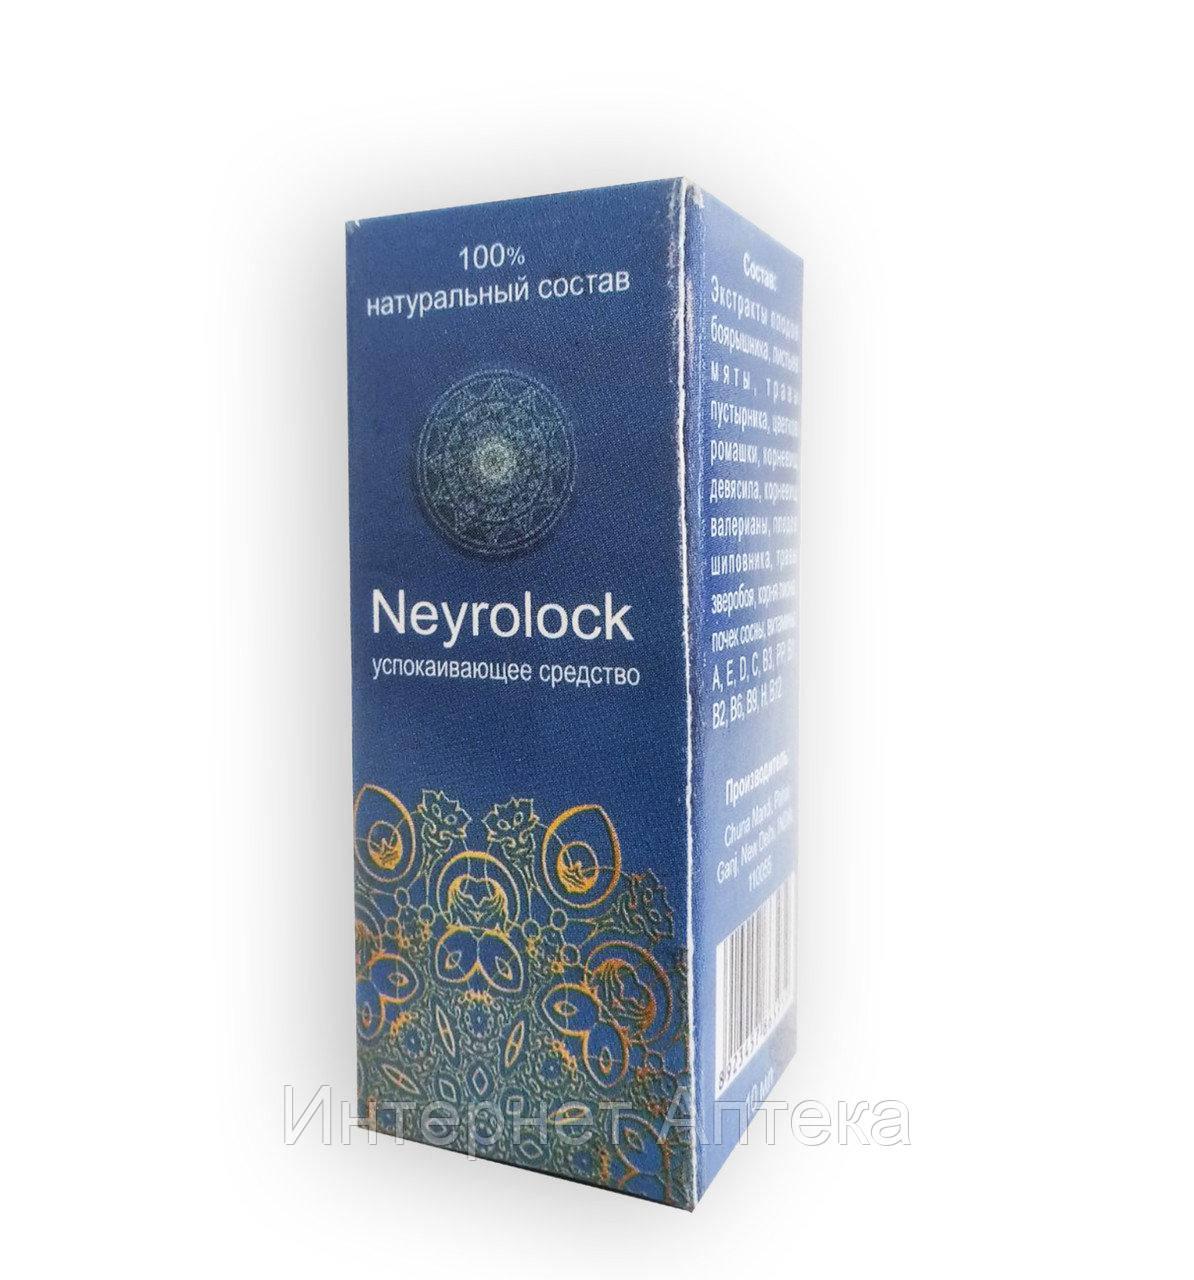 Нейролок капли успокаивающие, neyrolock капли для восстановления нервной системы